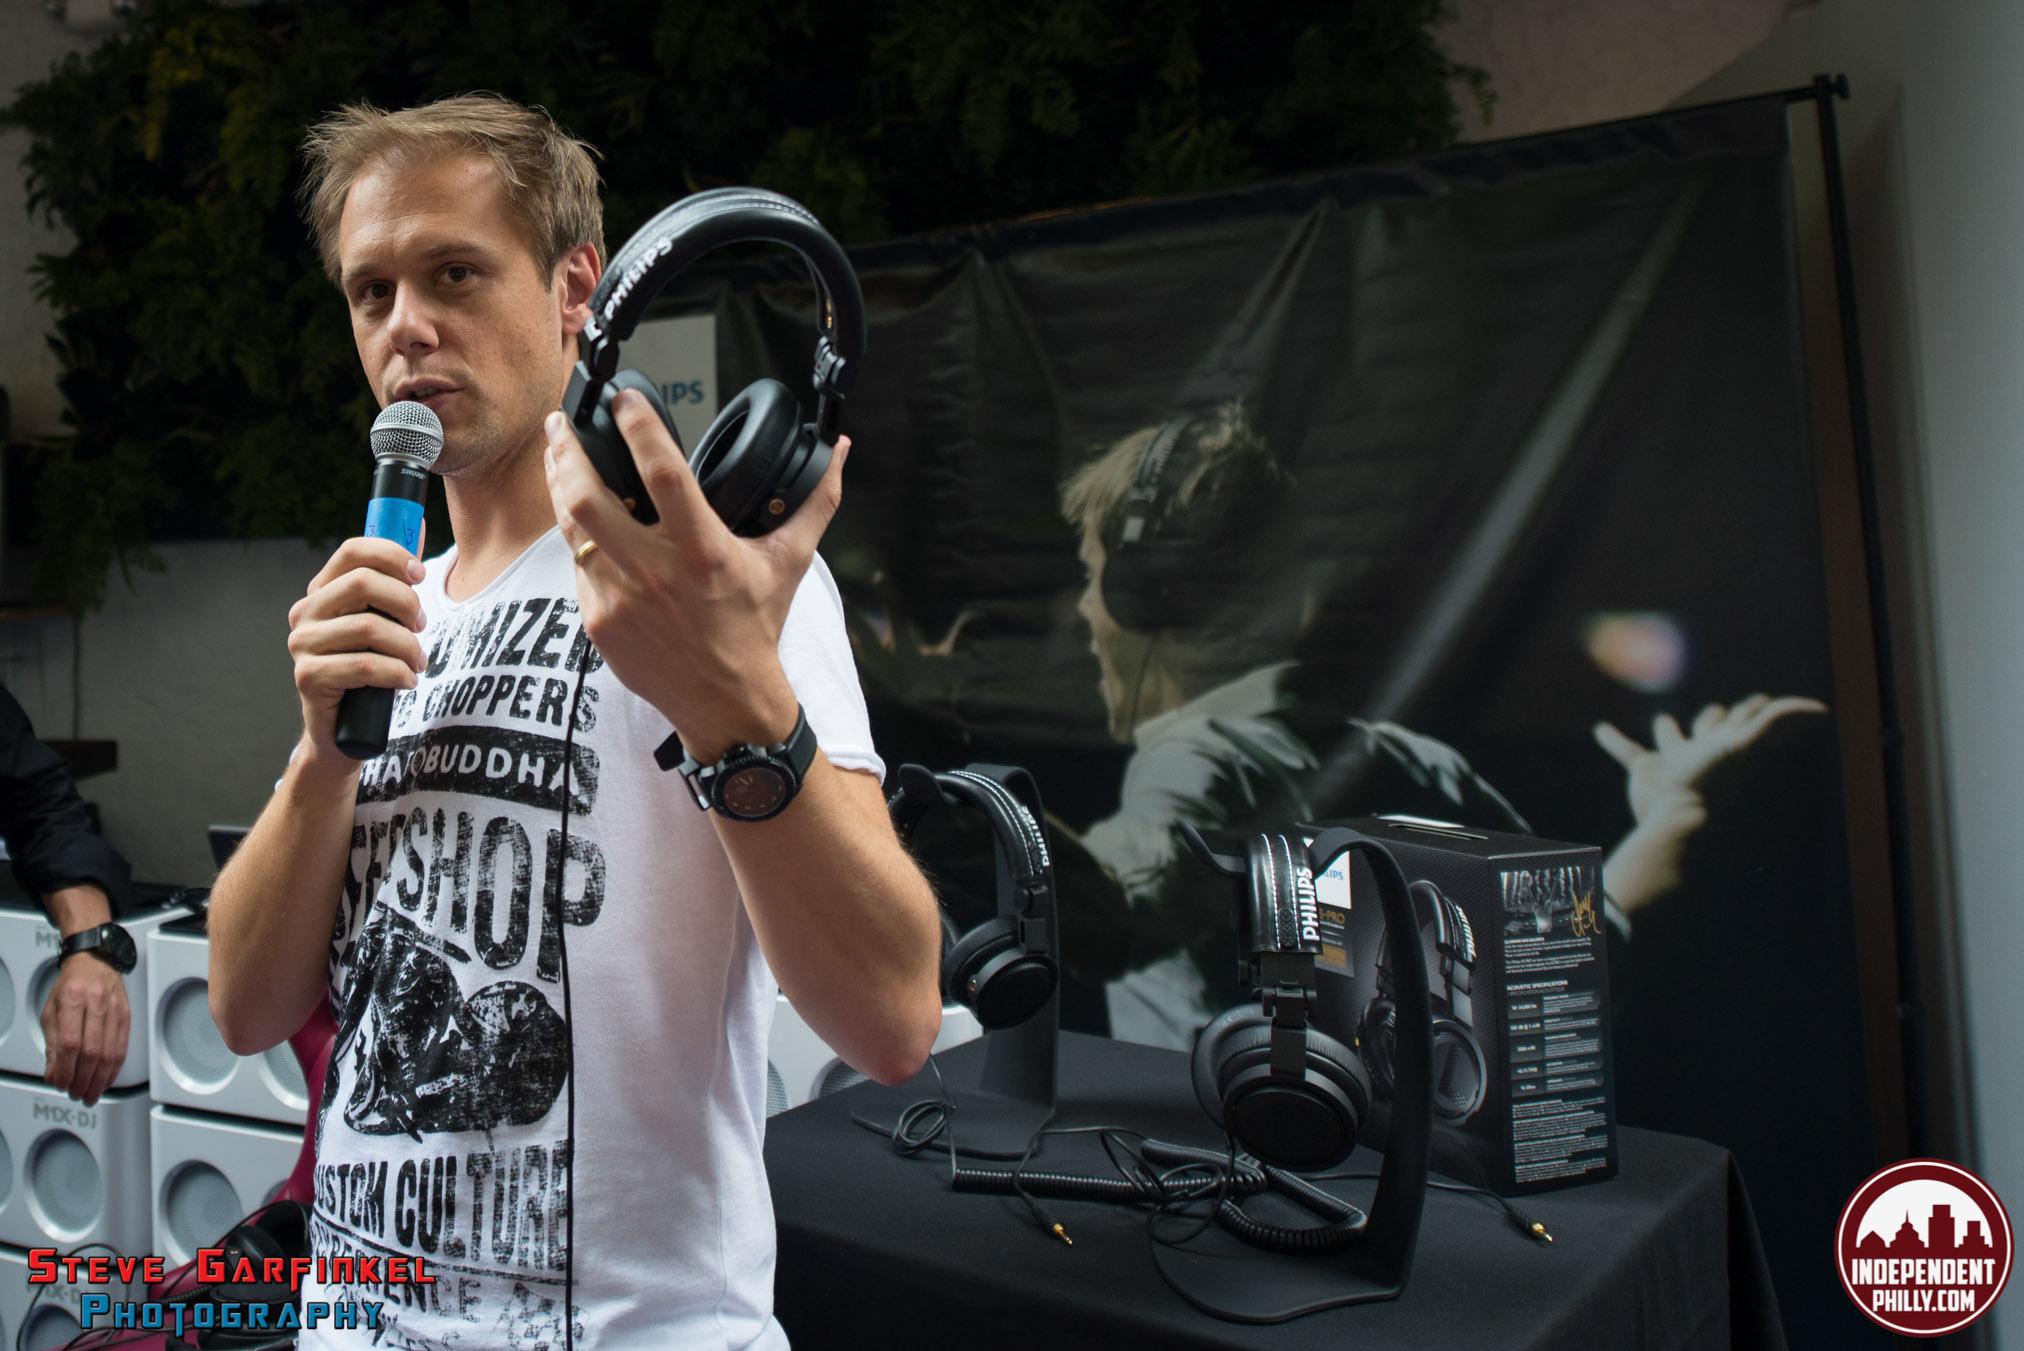 Armin-11